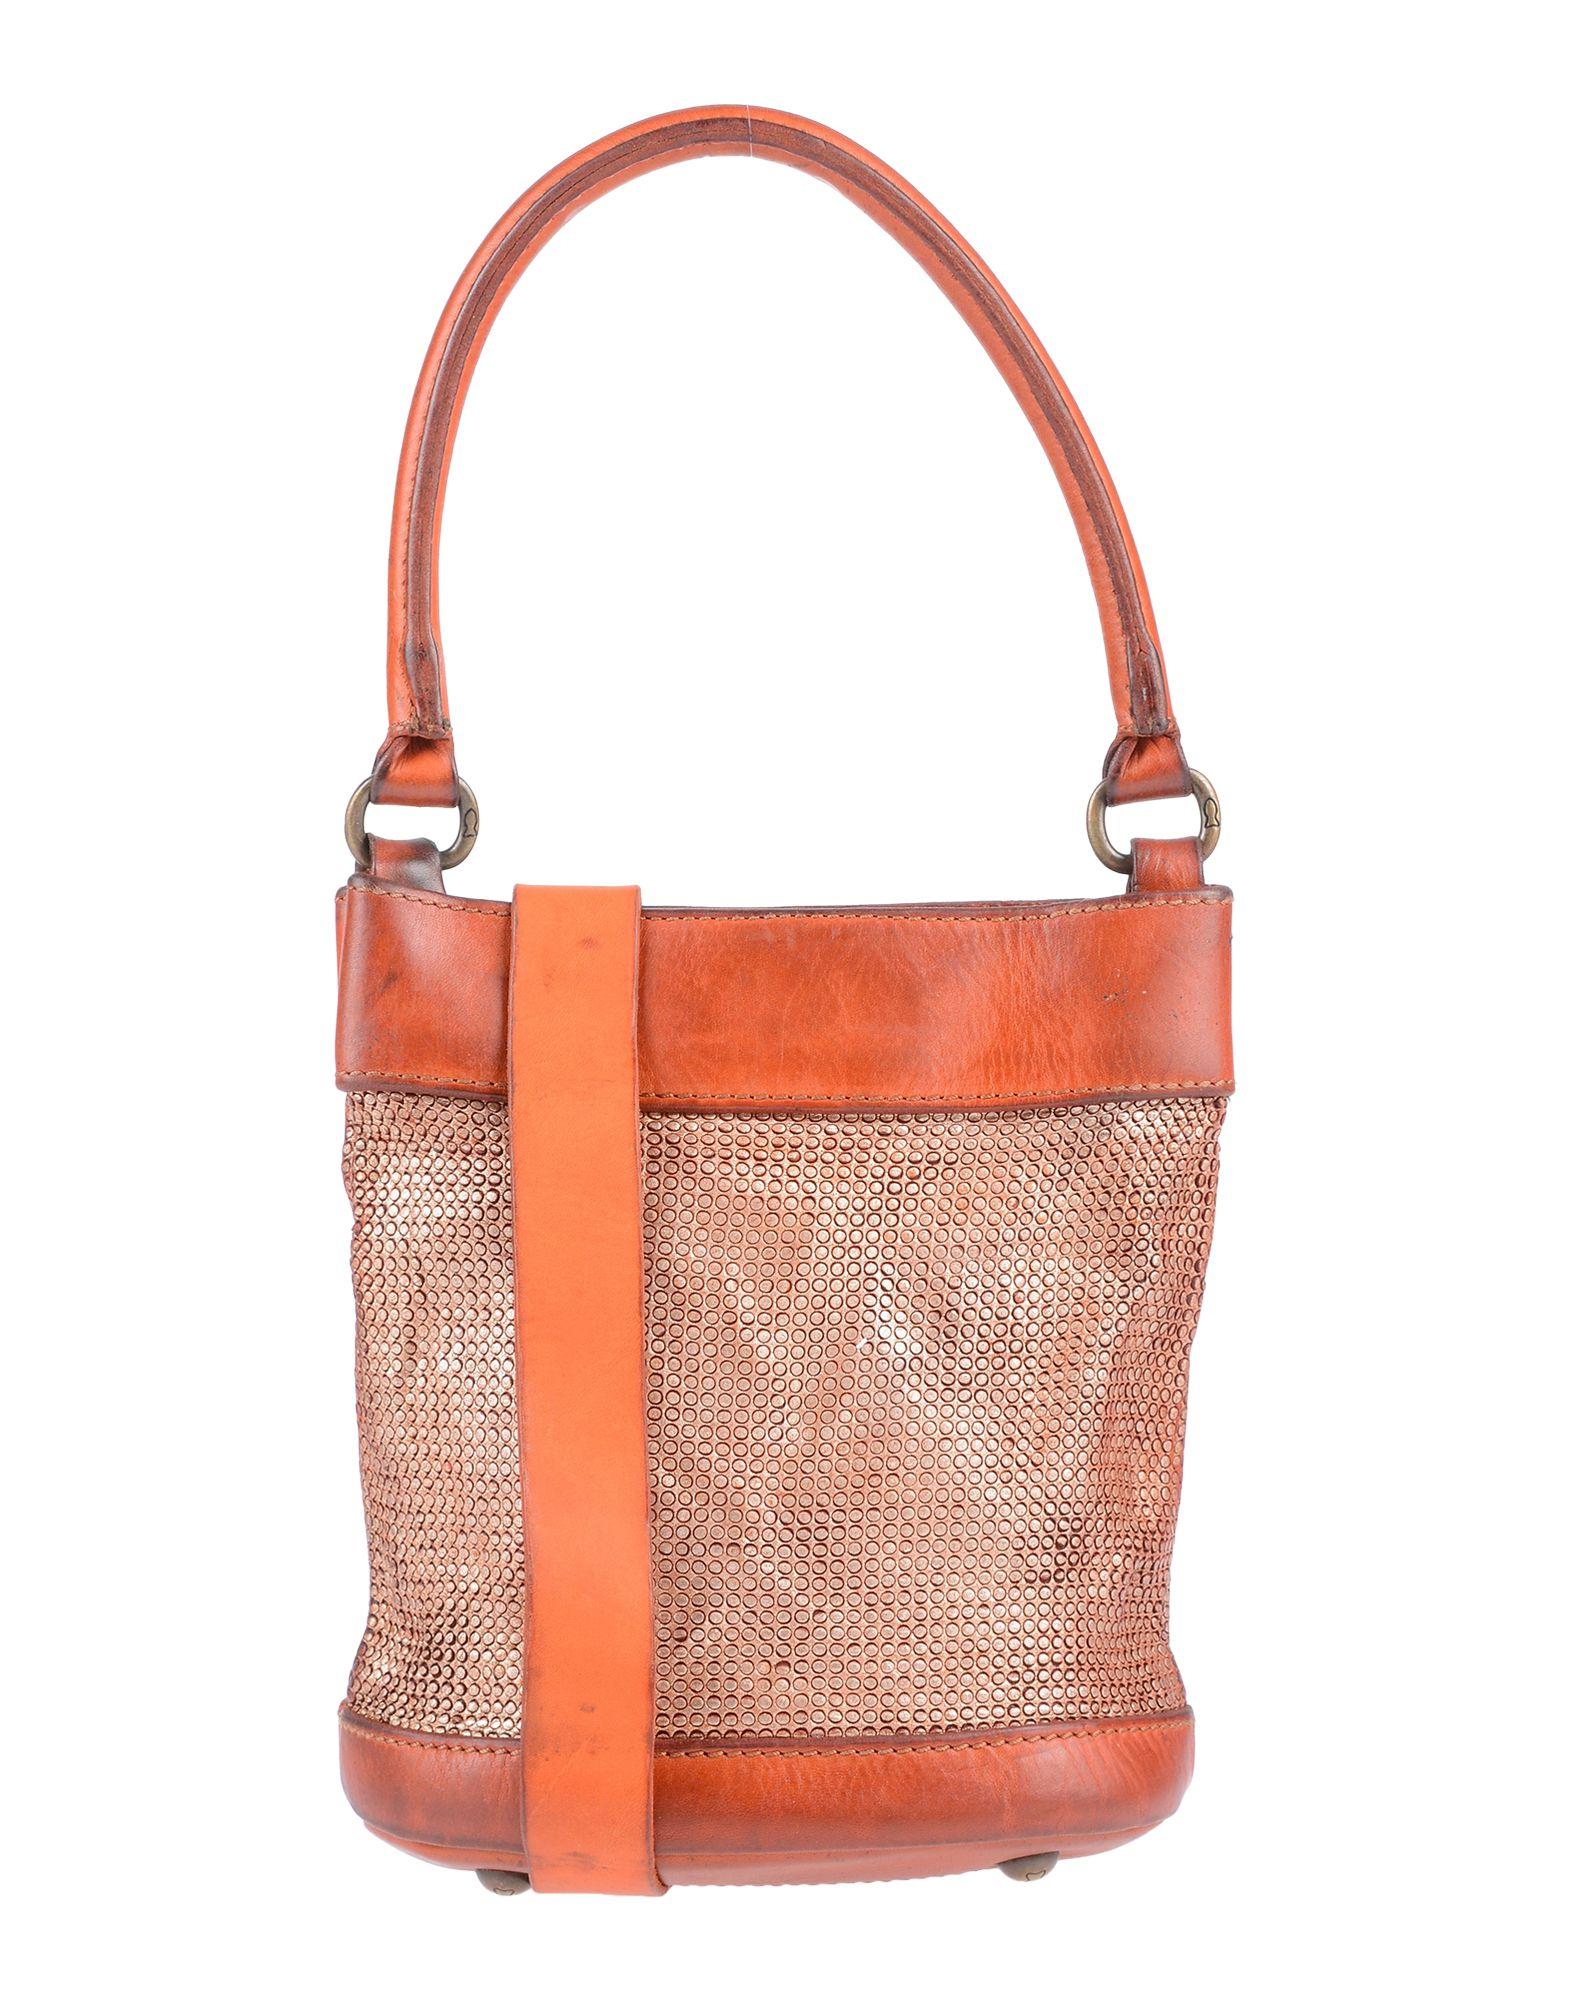 Auf Campomaggi Damen Auf Handtasche Campomaggi Handtasche Campomaggi Handtaschen Damen Handtaschen n0NyOwvm8